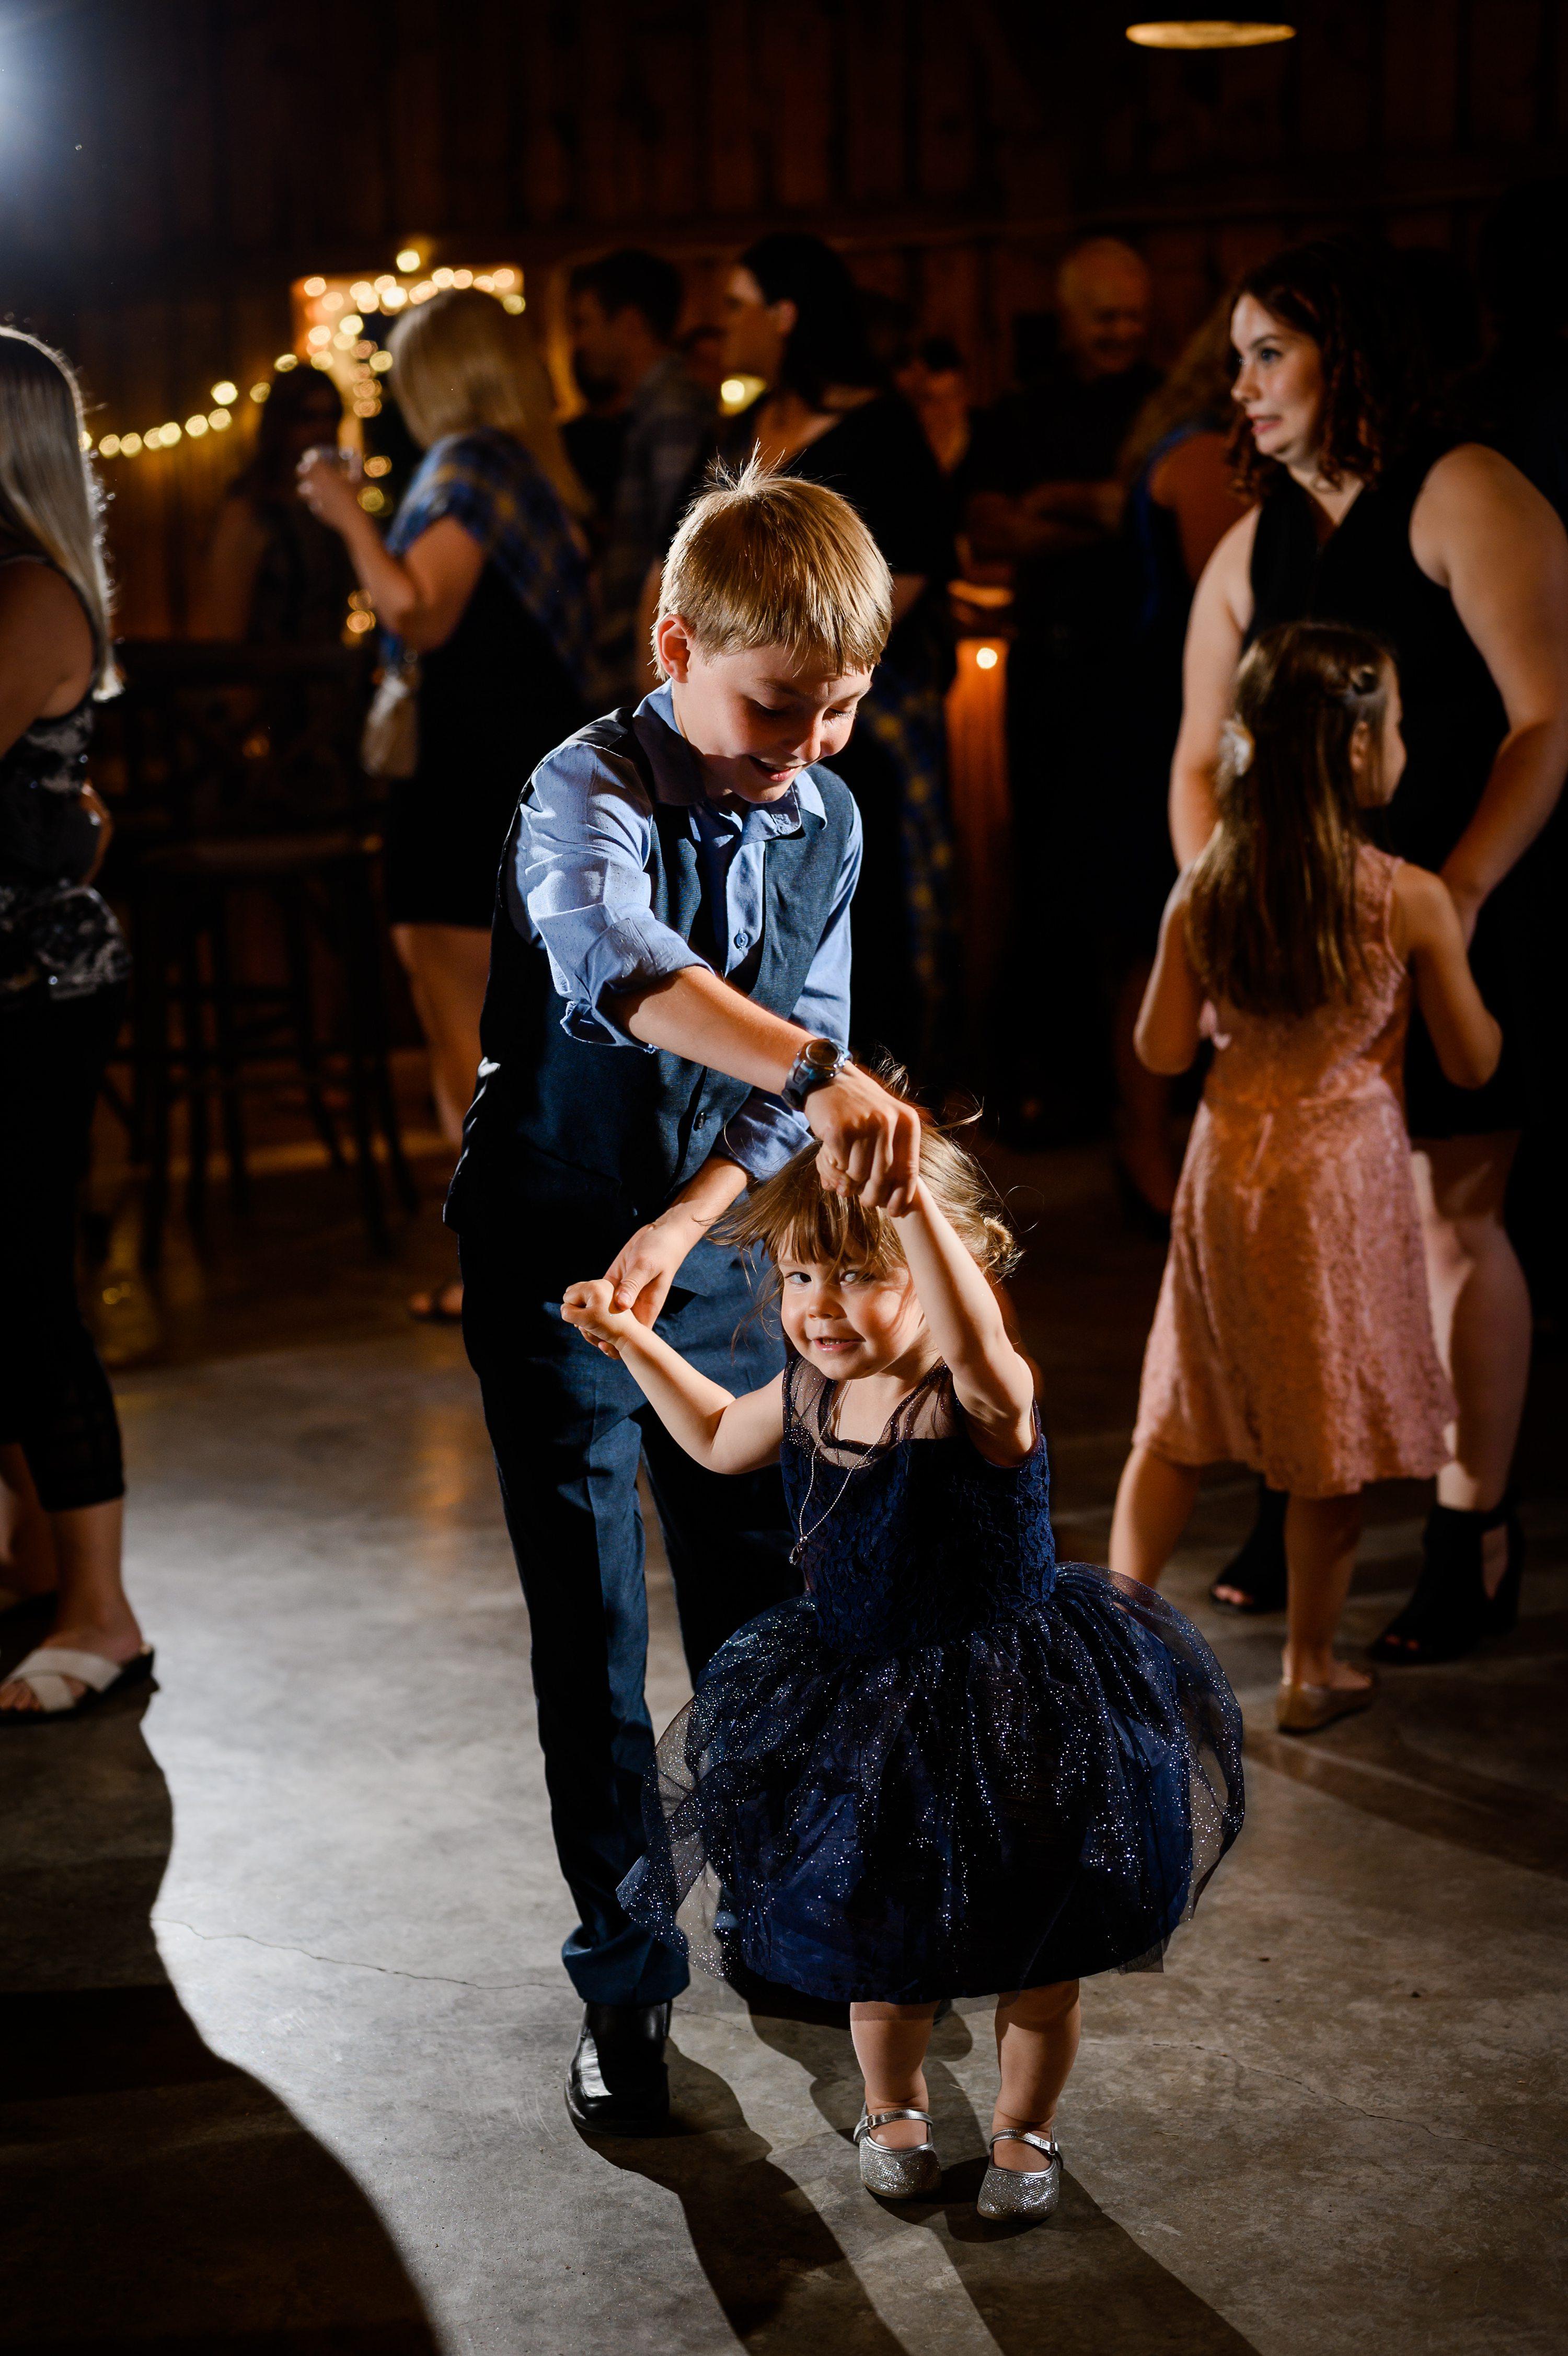 scottish wedding, kilt